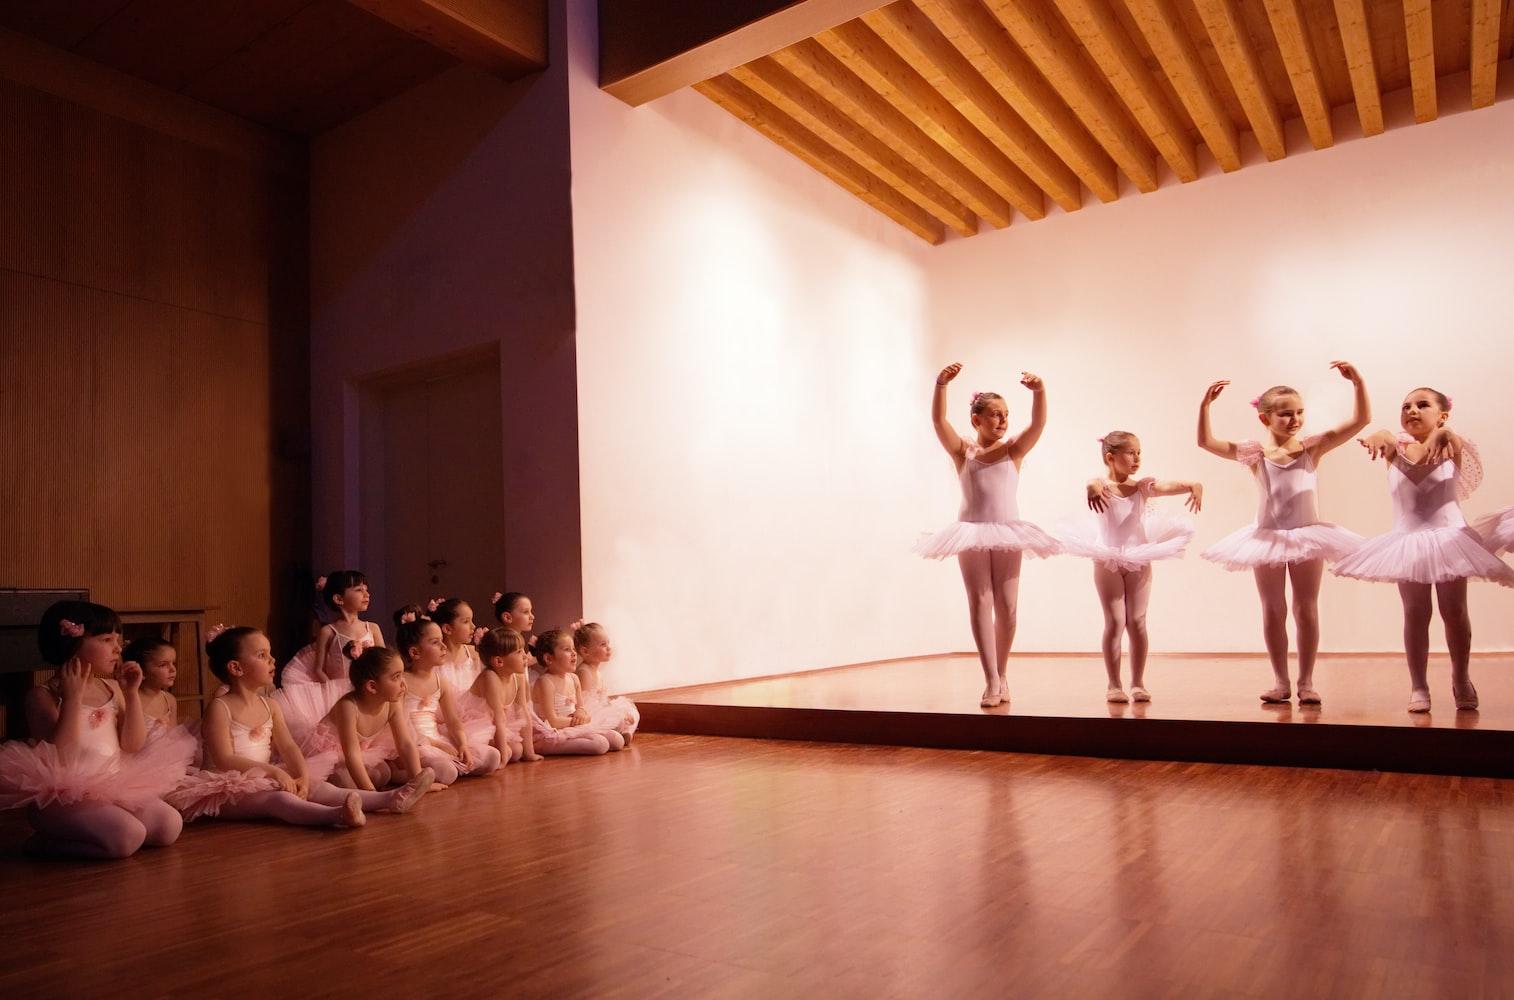 バレエ,初心者,始める,お金,レッスン,プロ,バレリーナ,舞台,レオタード,トウシューズ,バレエ用品